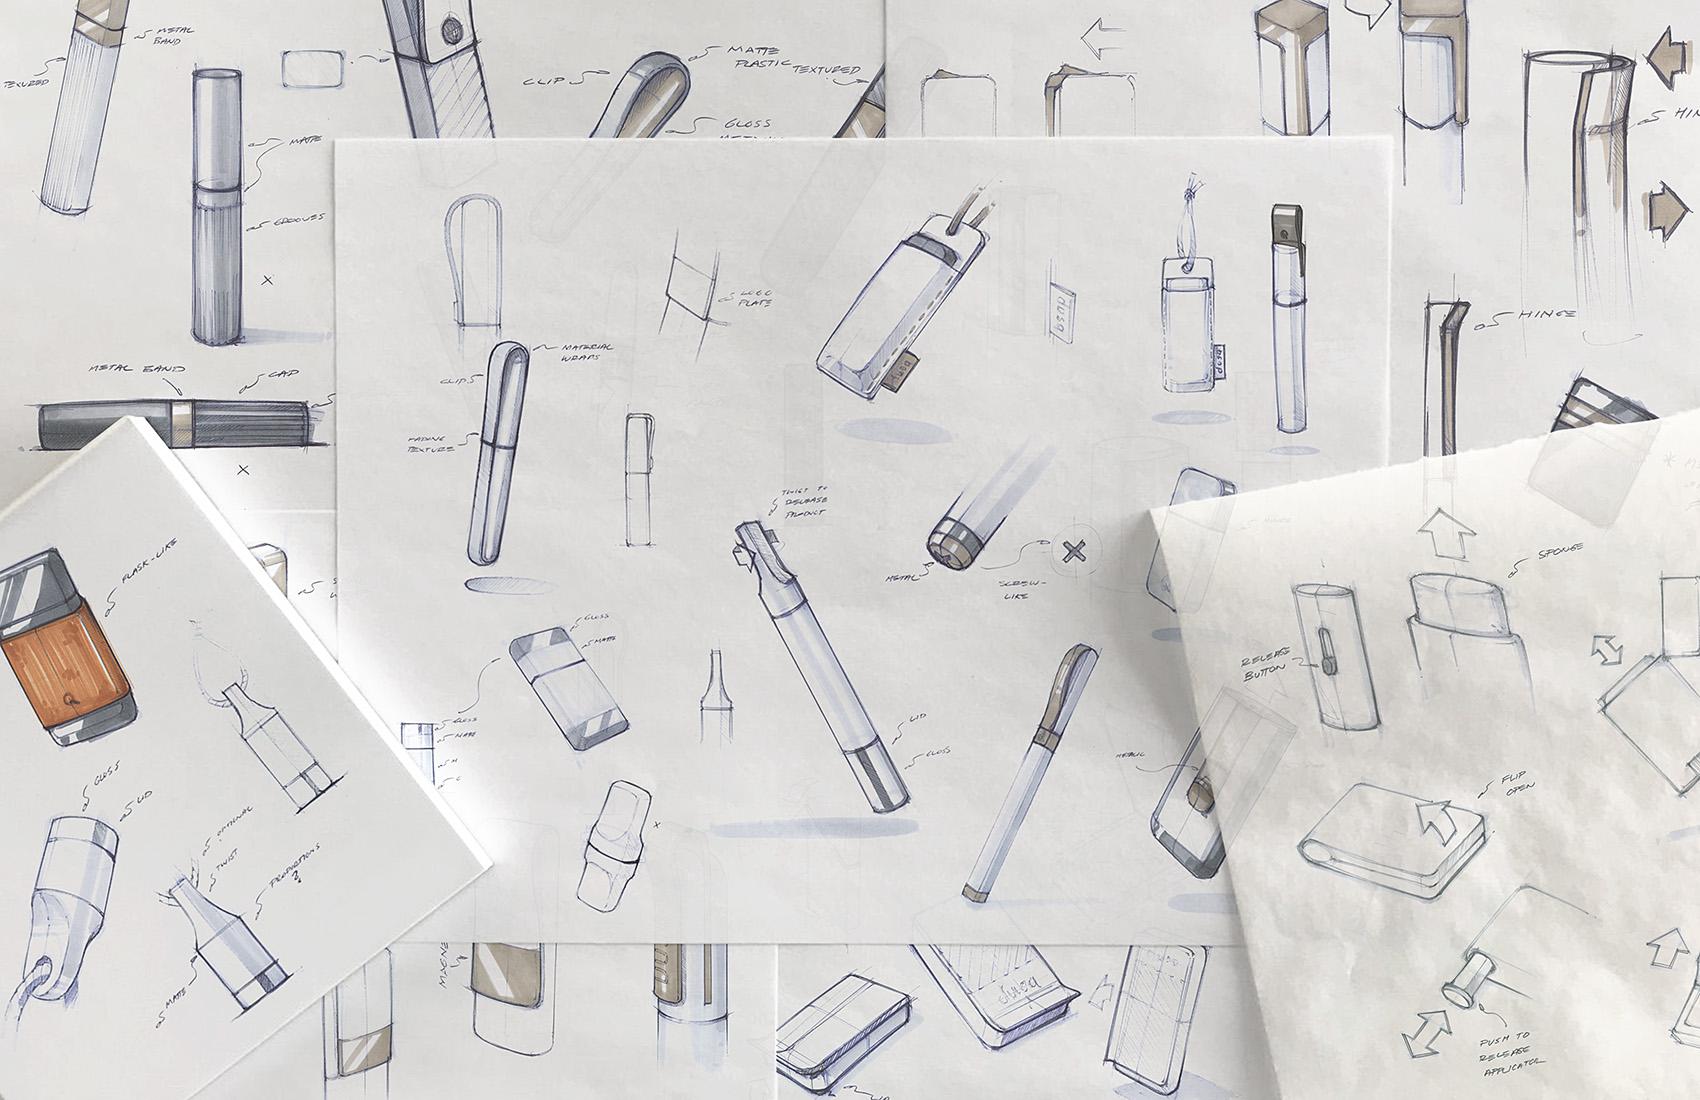 stryx-sketches-4.jpg